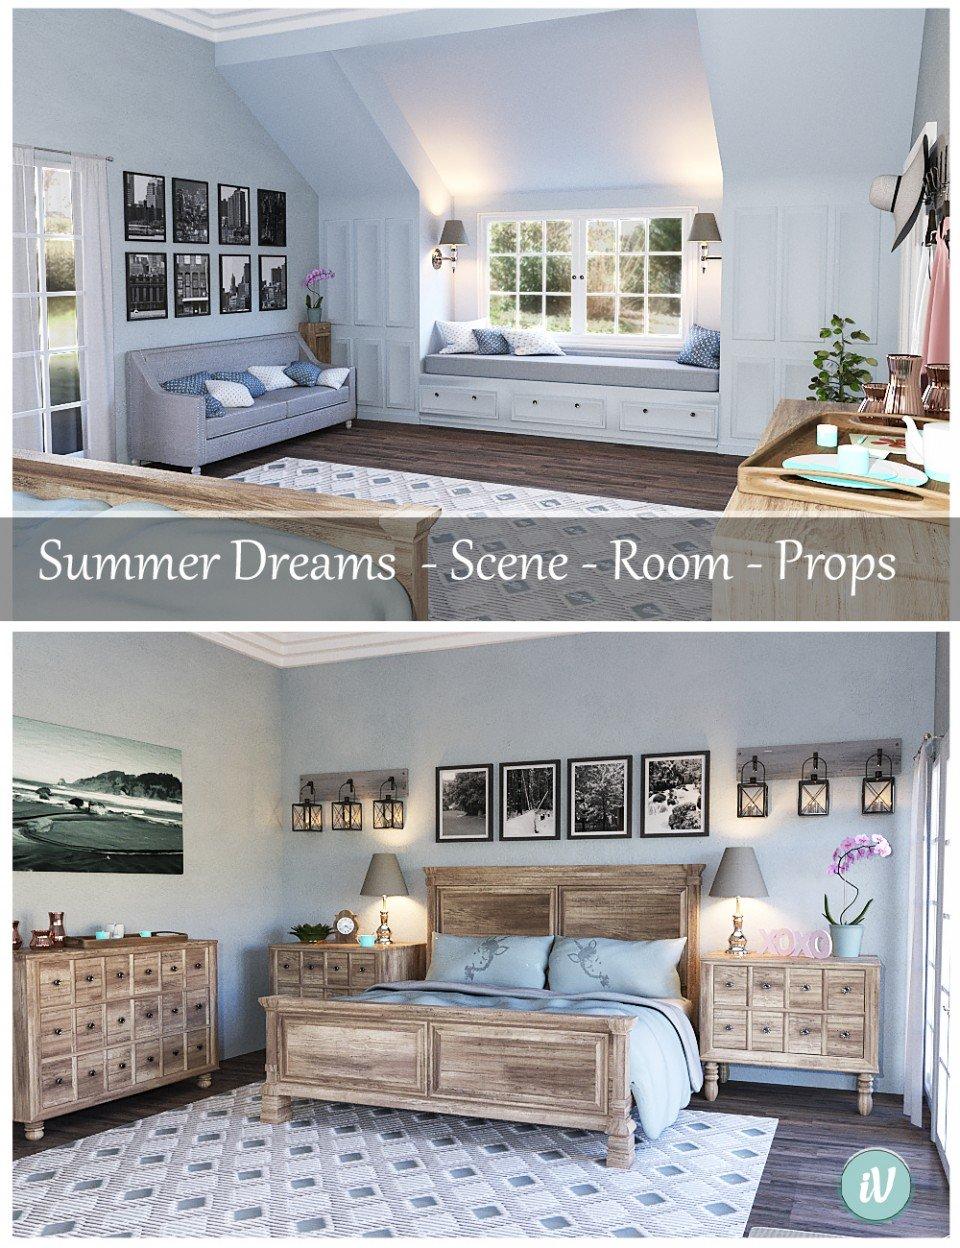 iV Summer Dreams Bedroom_DAZ3D下载站